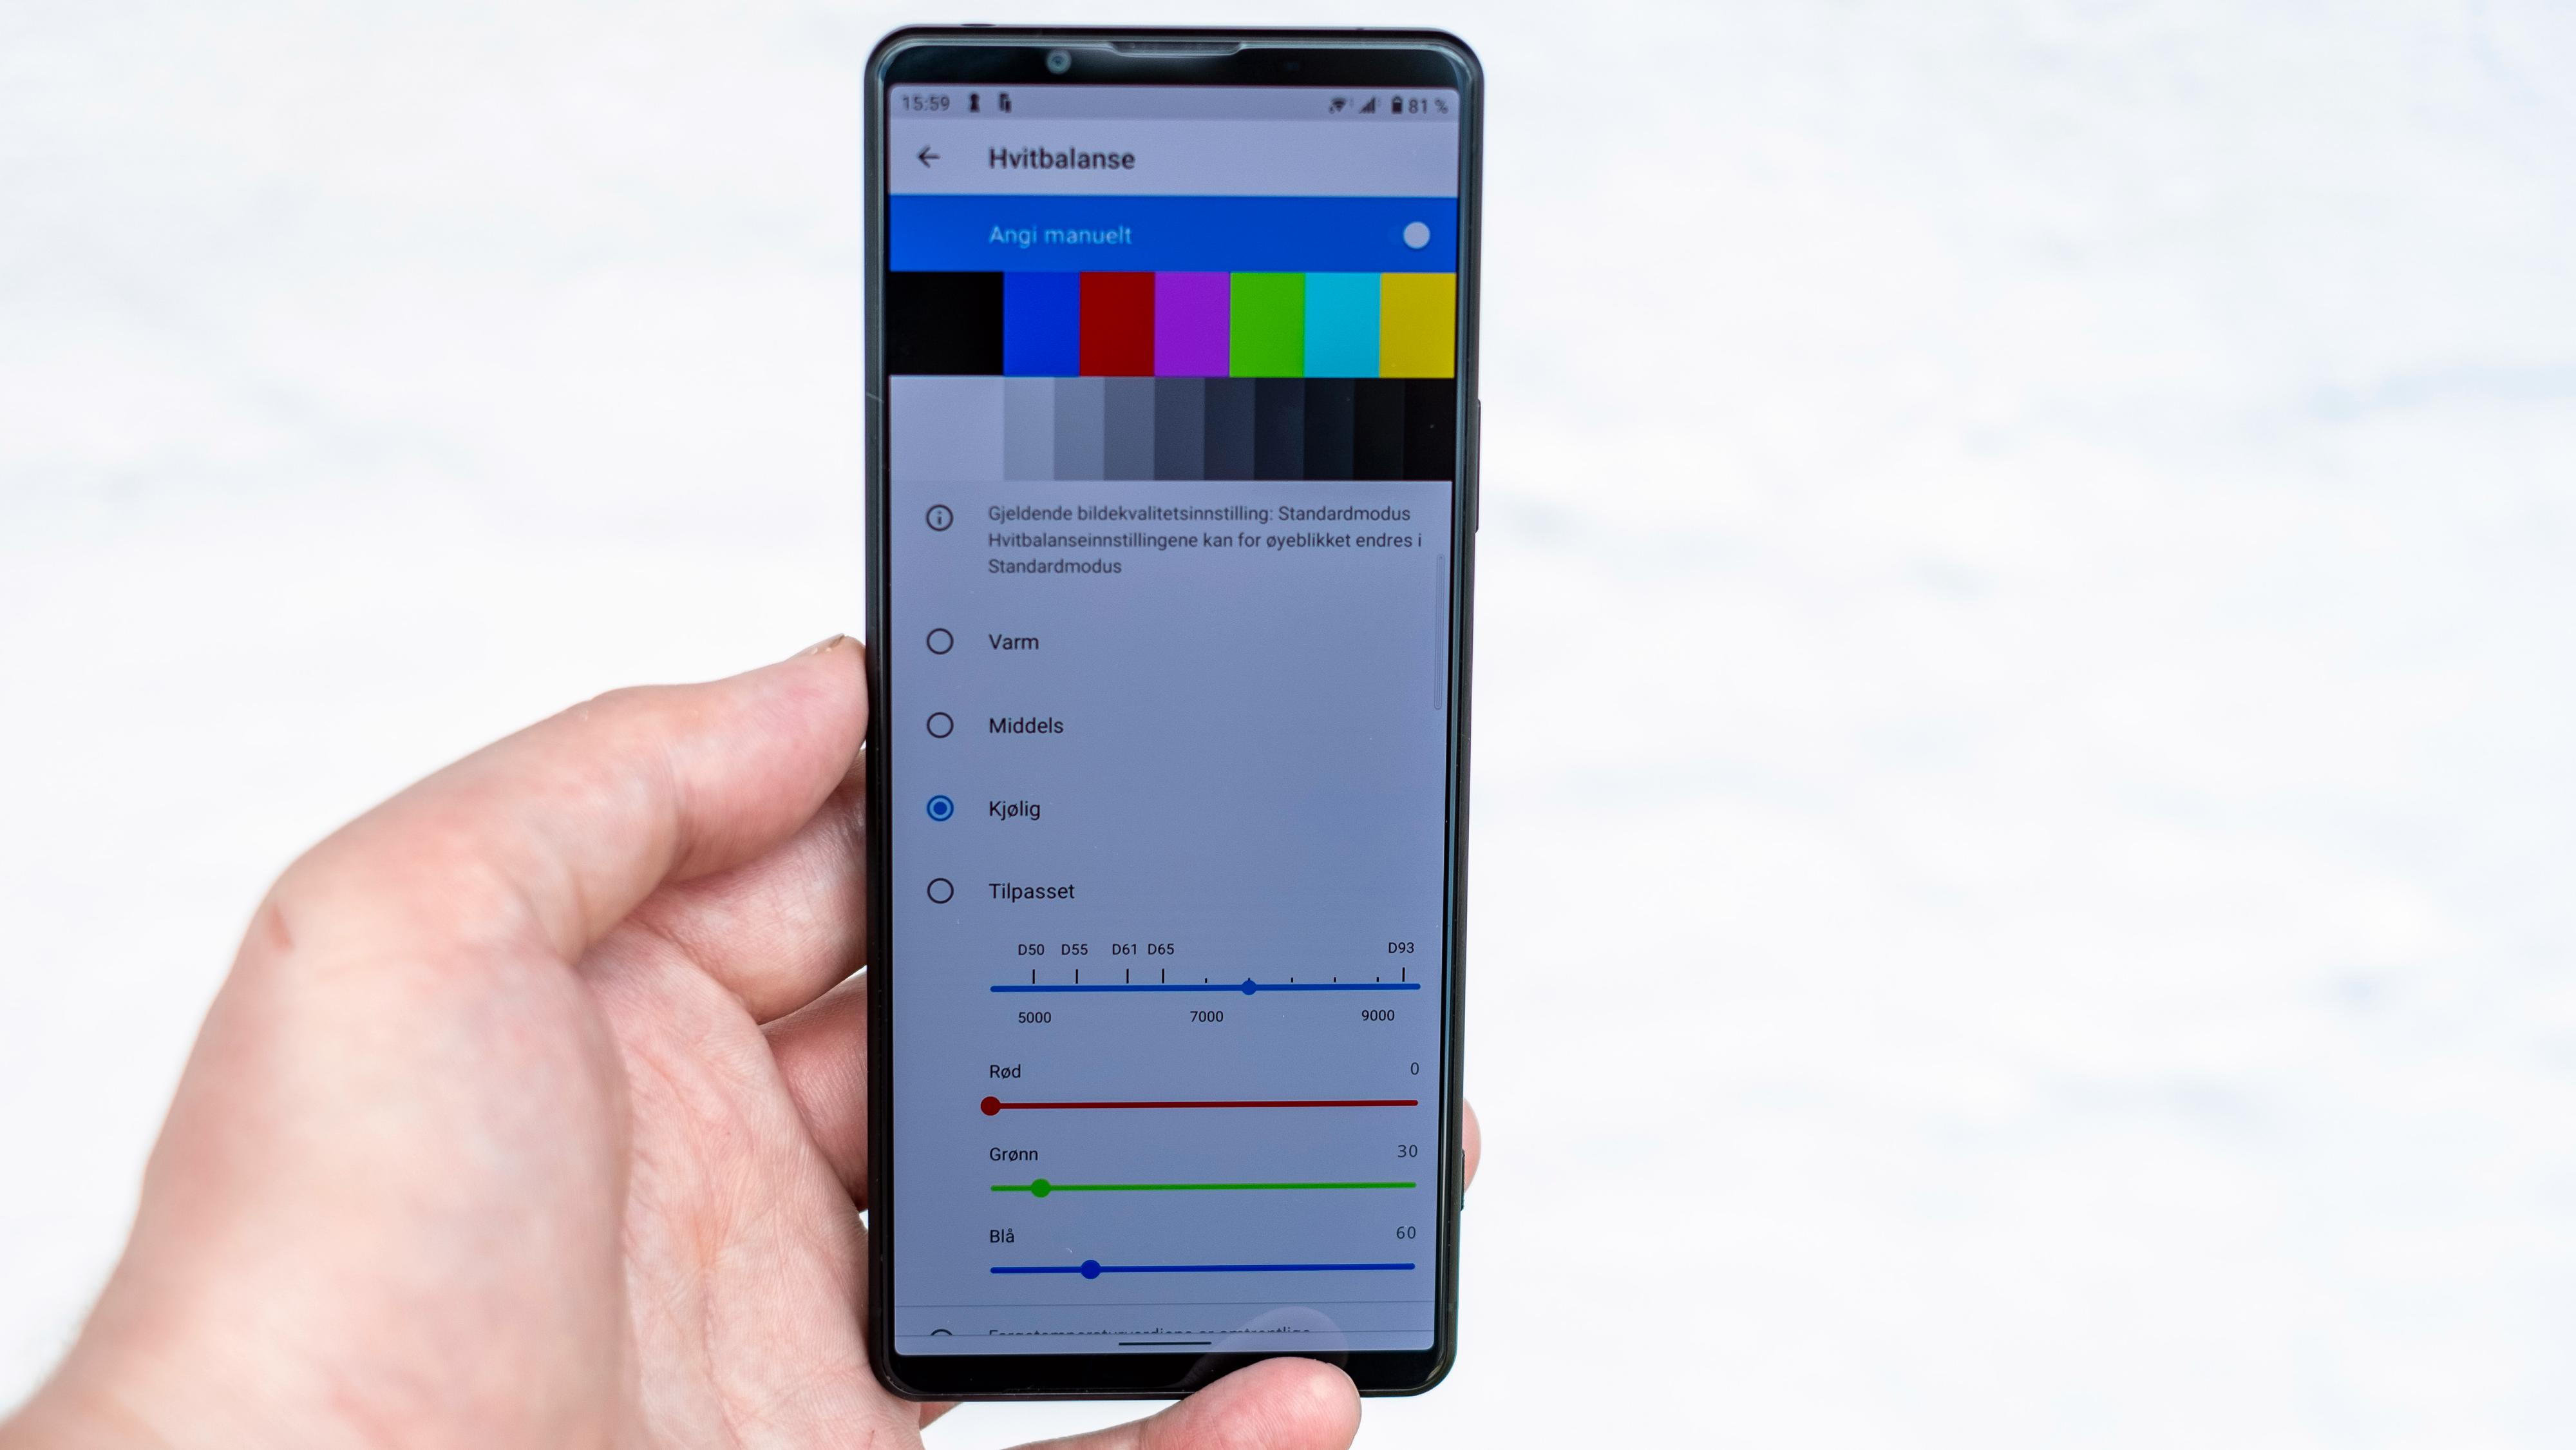 Hvorfor må det være så komplisert? Ett mulig svar er at telefonen skal kunne brukes som søker for Sonys systemkamera. Men som vanlig bruker inne i disse menyene er det lett å få pustebesvær.